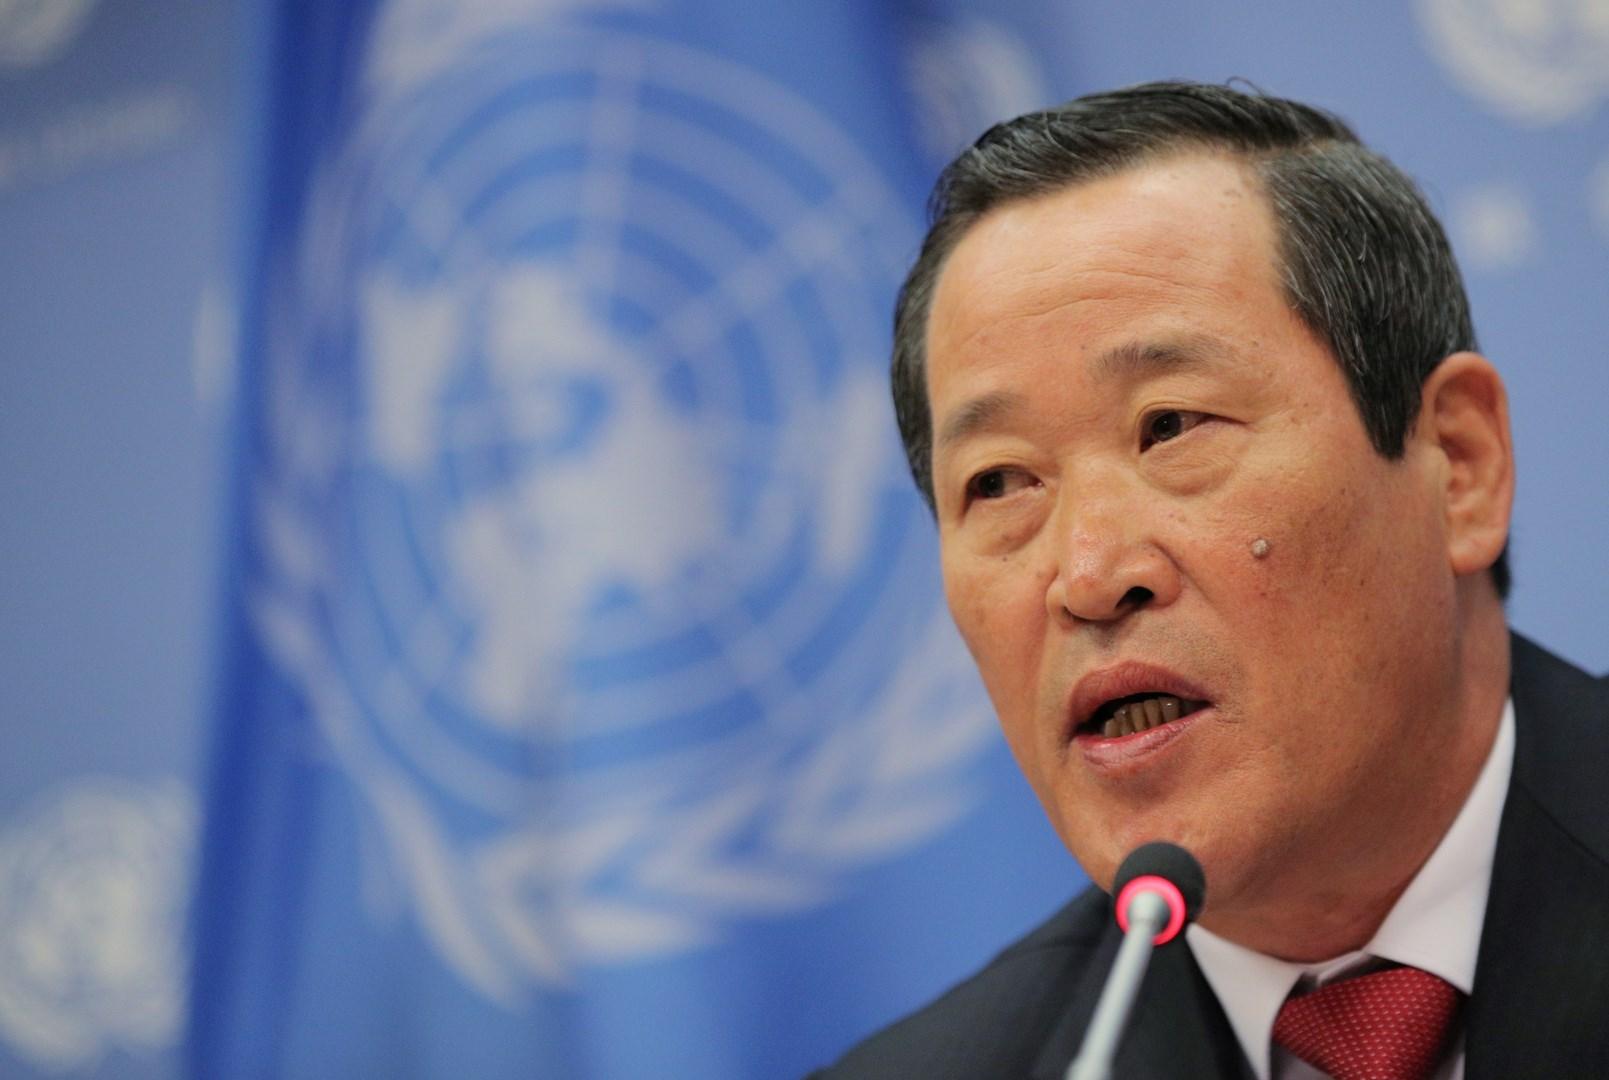 بيونغ يانغ: التنديد الأوروبي استفزاز إضافي خطير